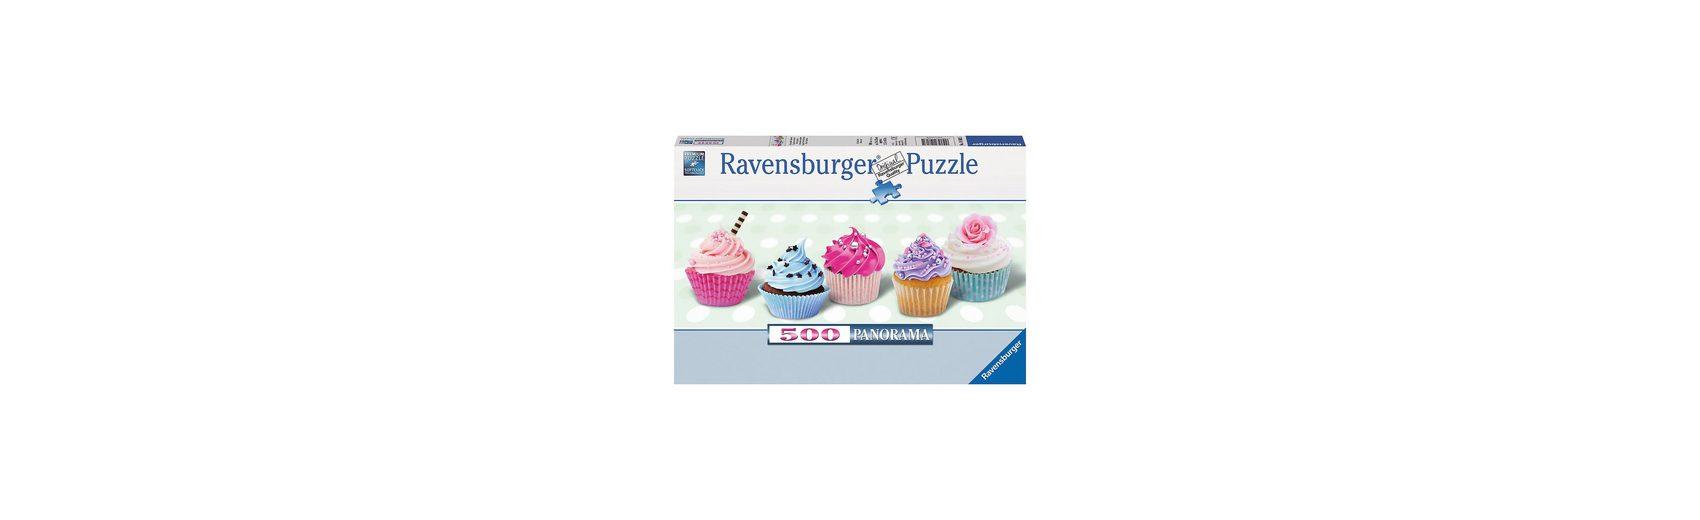 Ravensburger 500 Teile Panorama Zuckersüße Cupcakes - Panorama